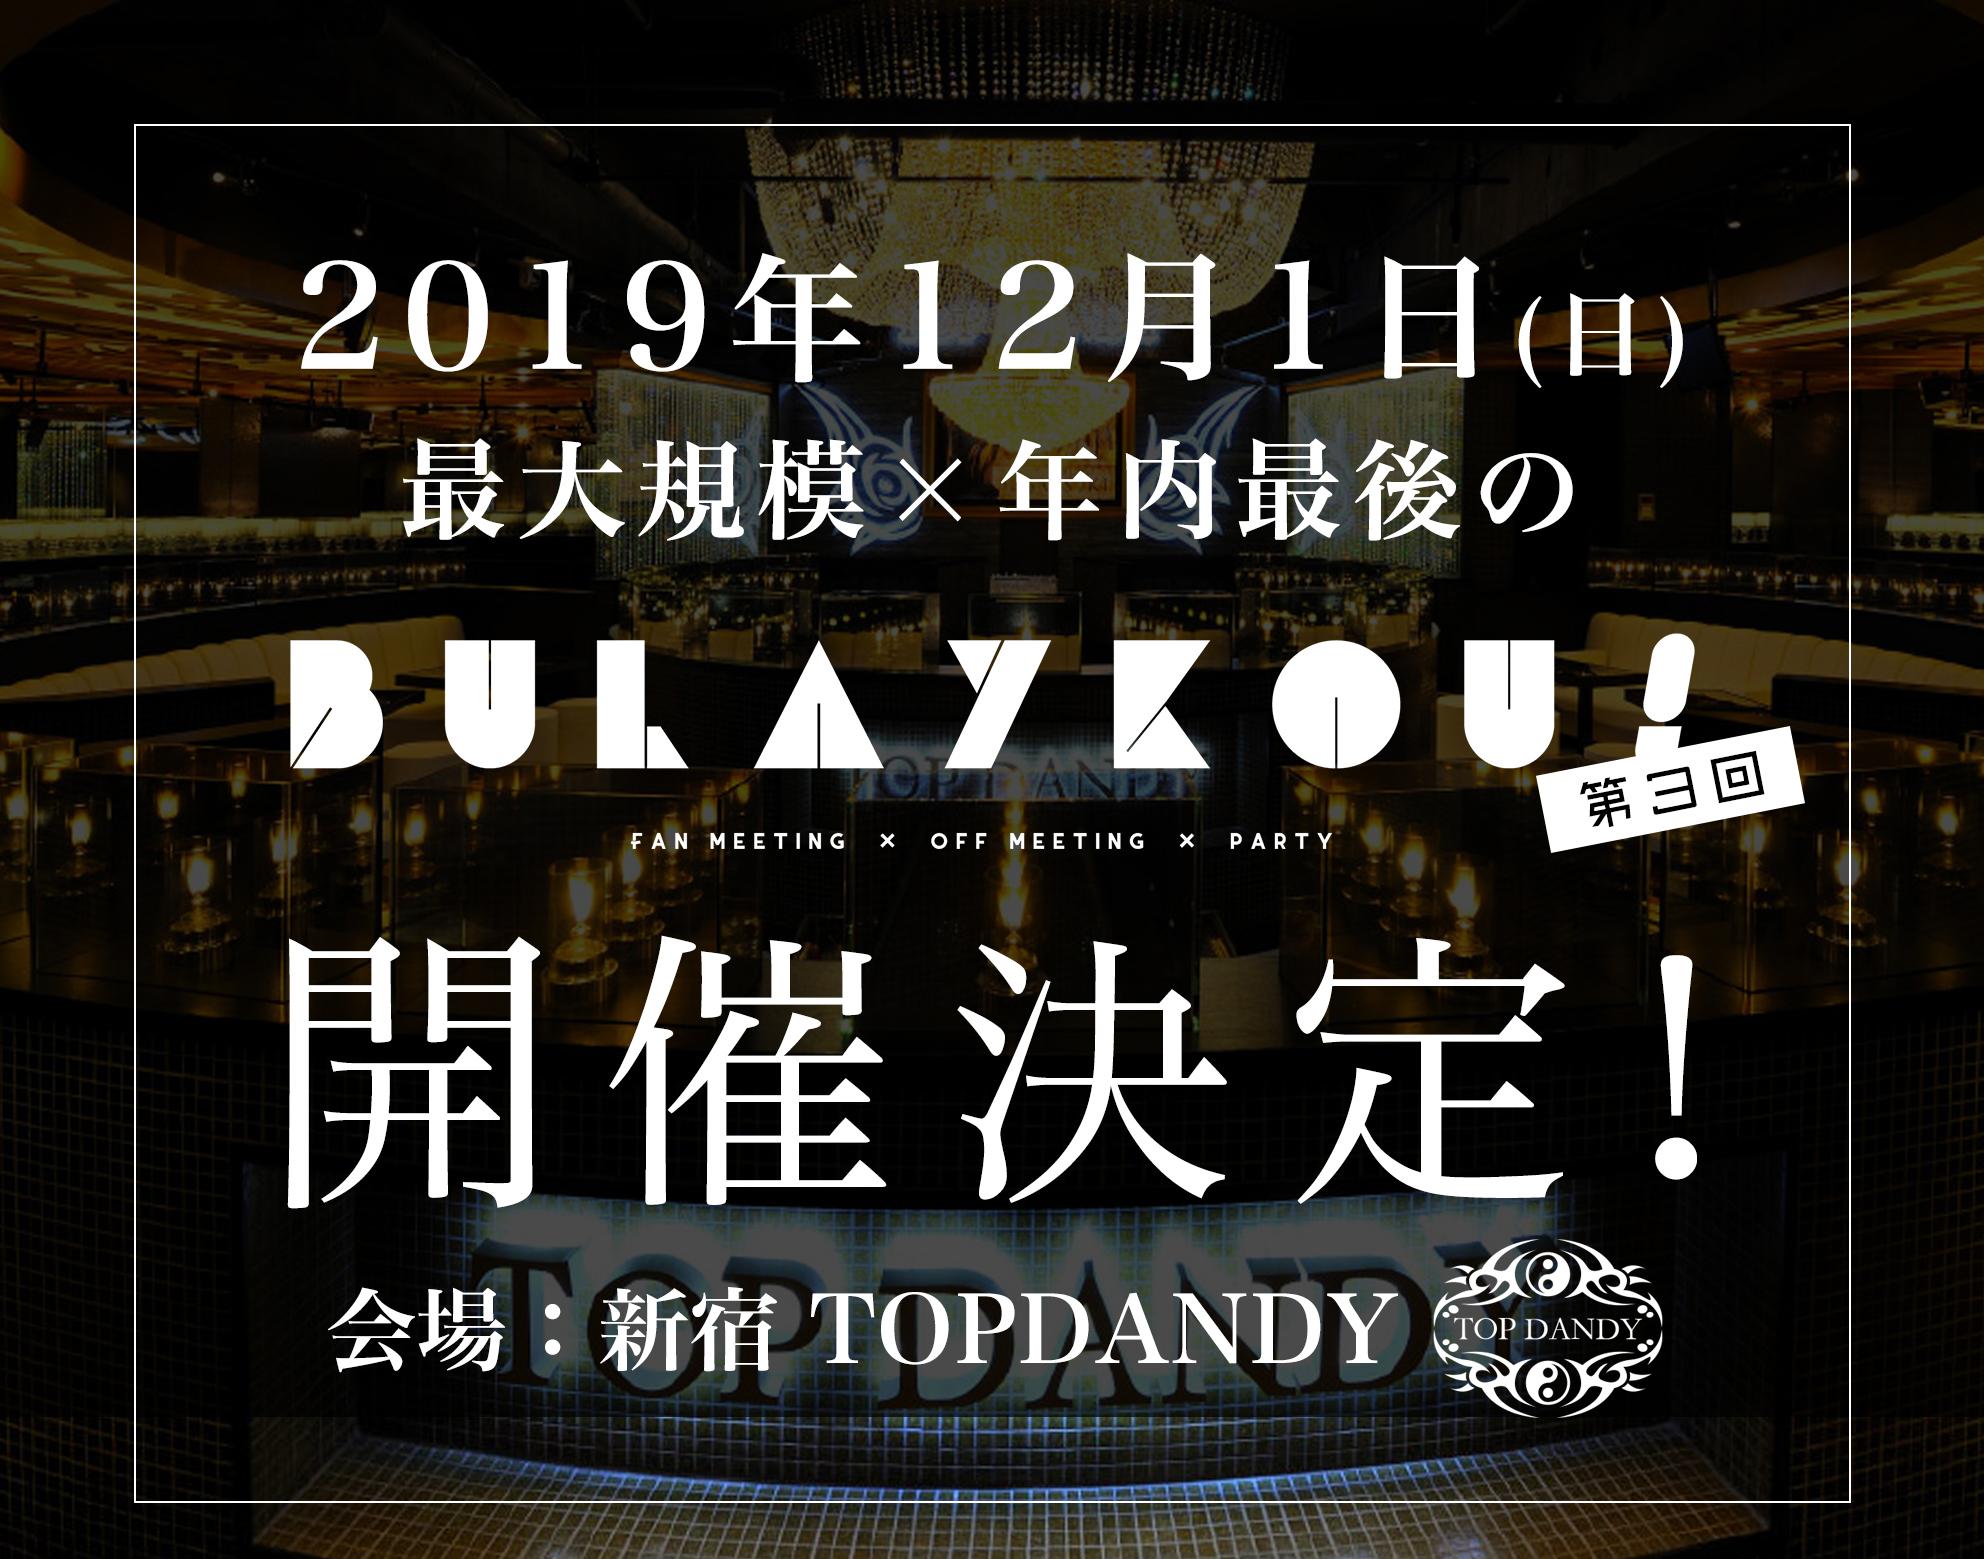 【1部】BULAYKOu! -X'mas- チケット【全年齢/アルコールなし】